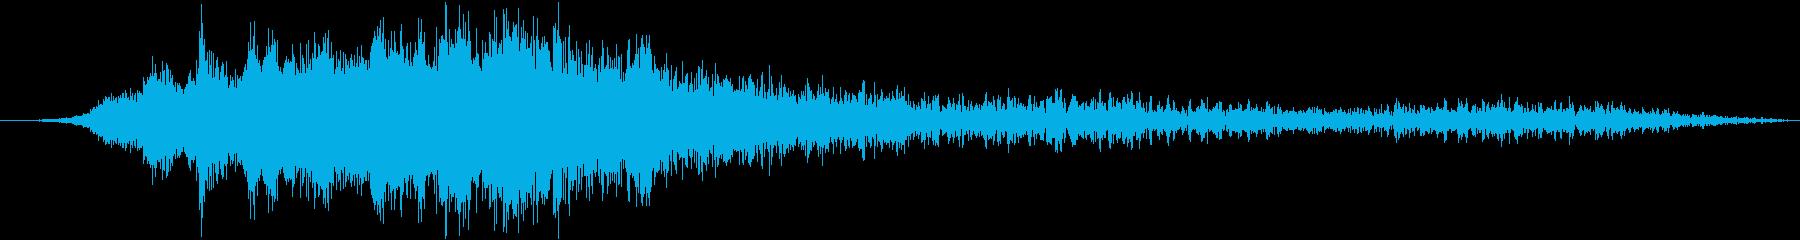 エアバスA320旅客機:内線:離陸...の再生済みの波形